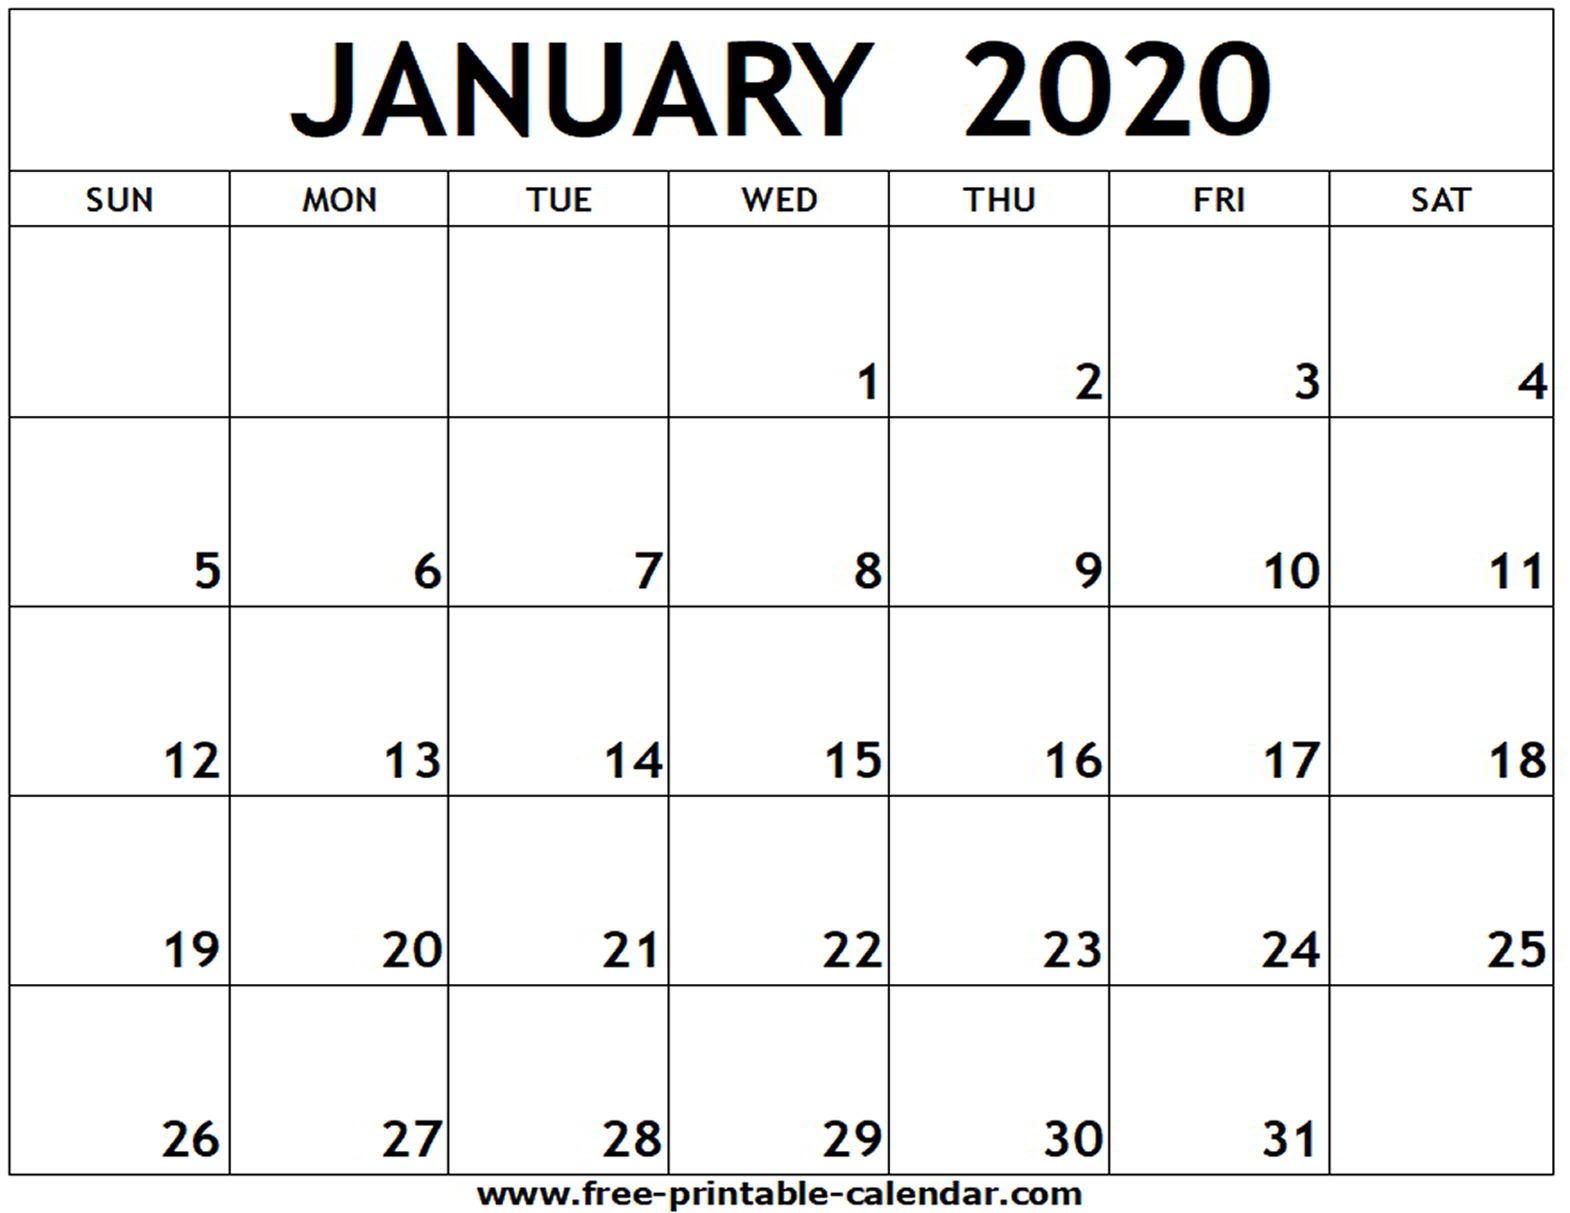 January 2020 Printable Calendar  Freeprintablecalendar in Michel Zbinden December 2020